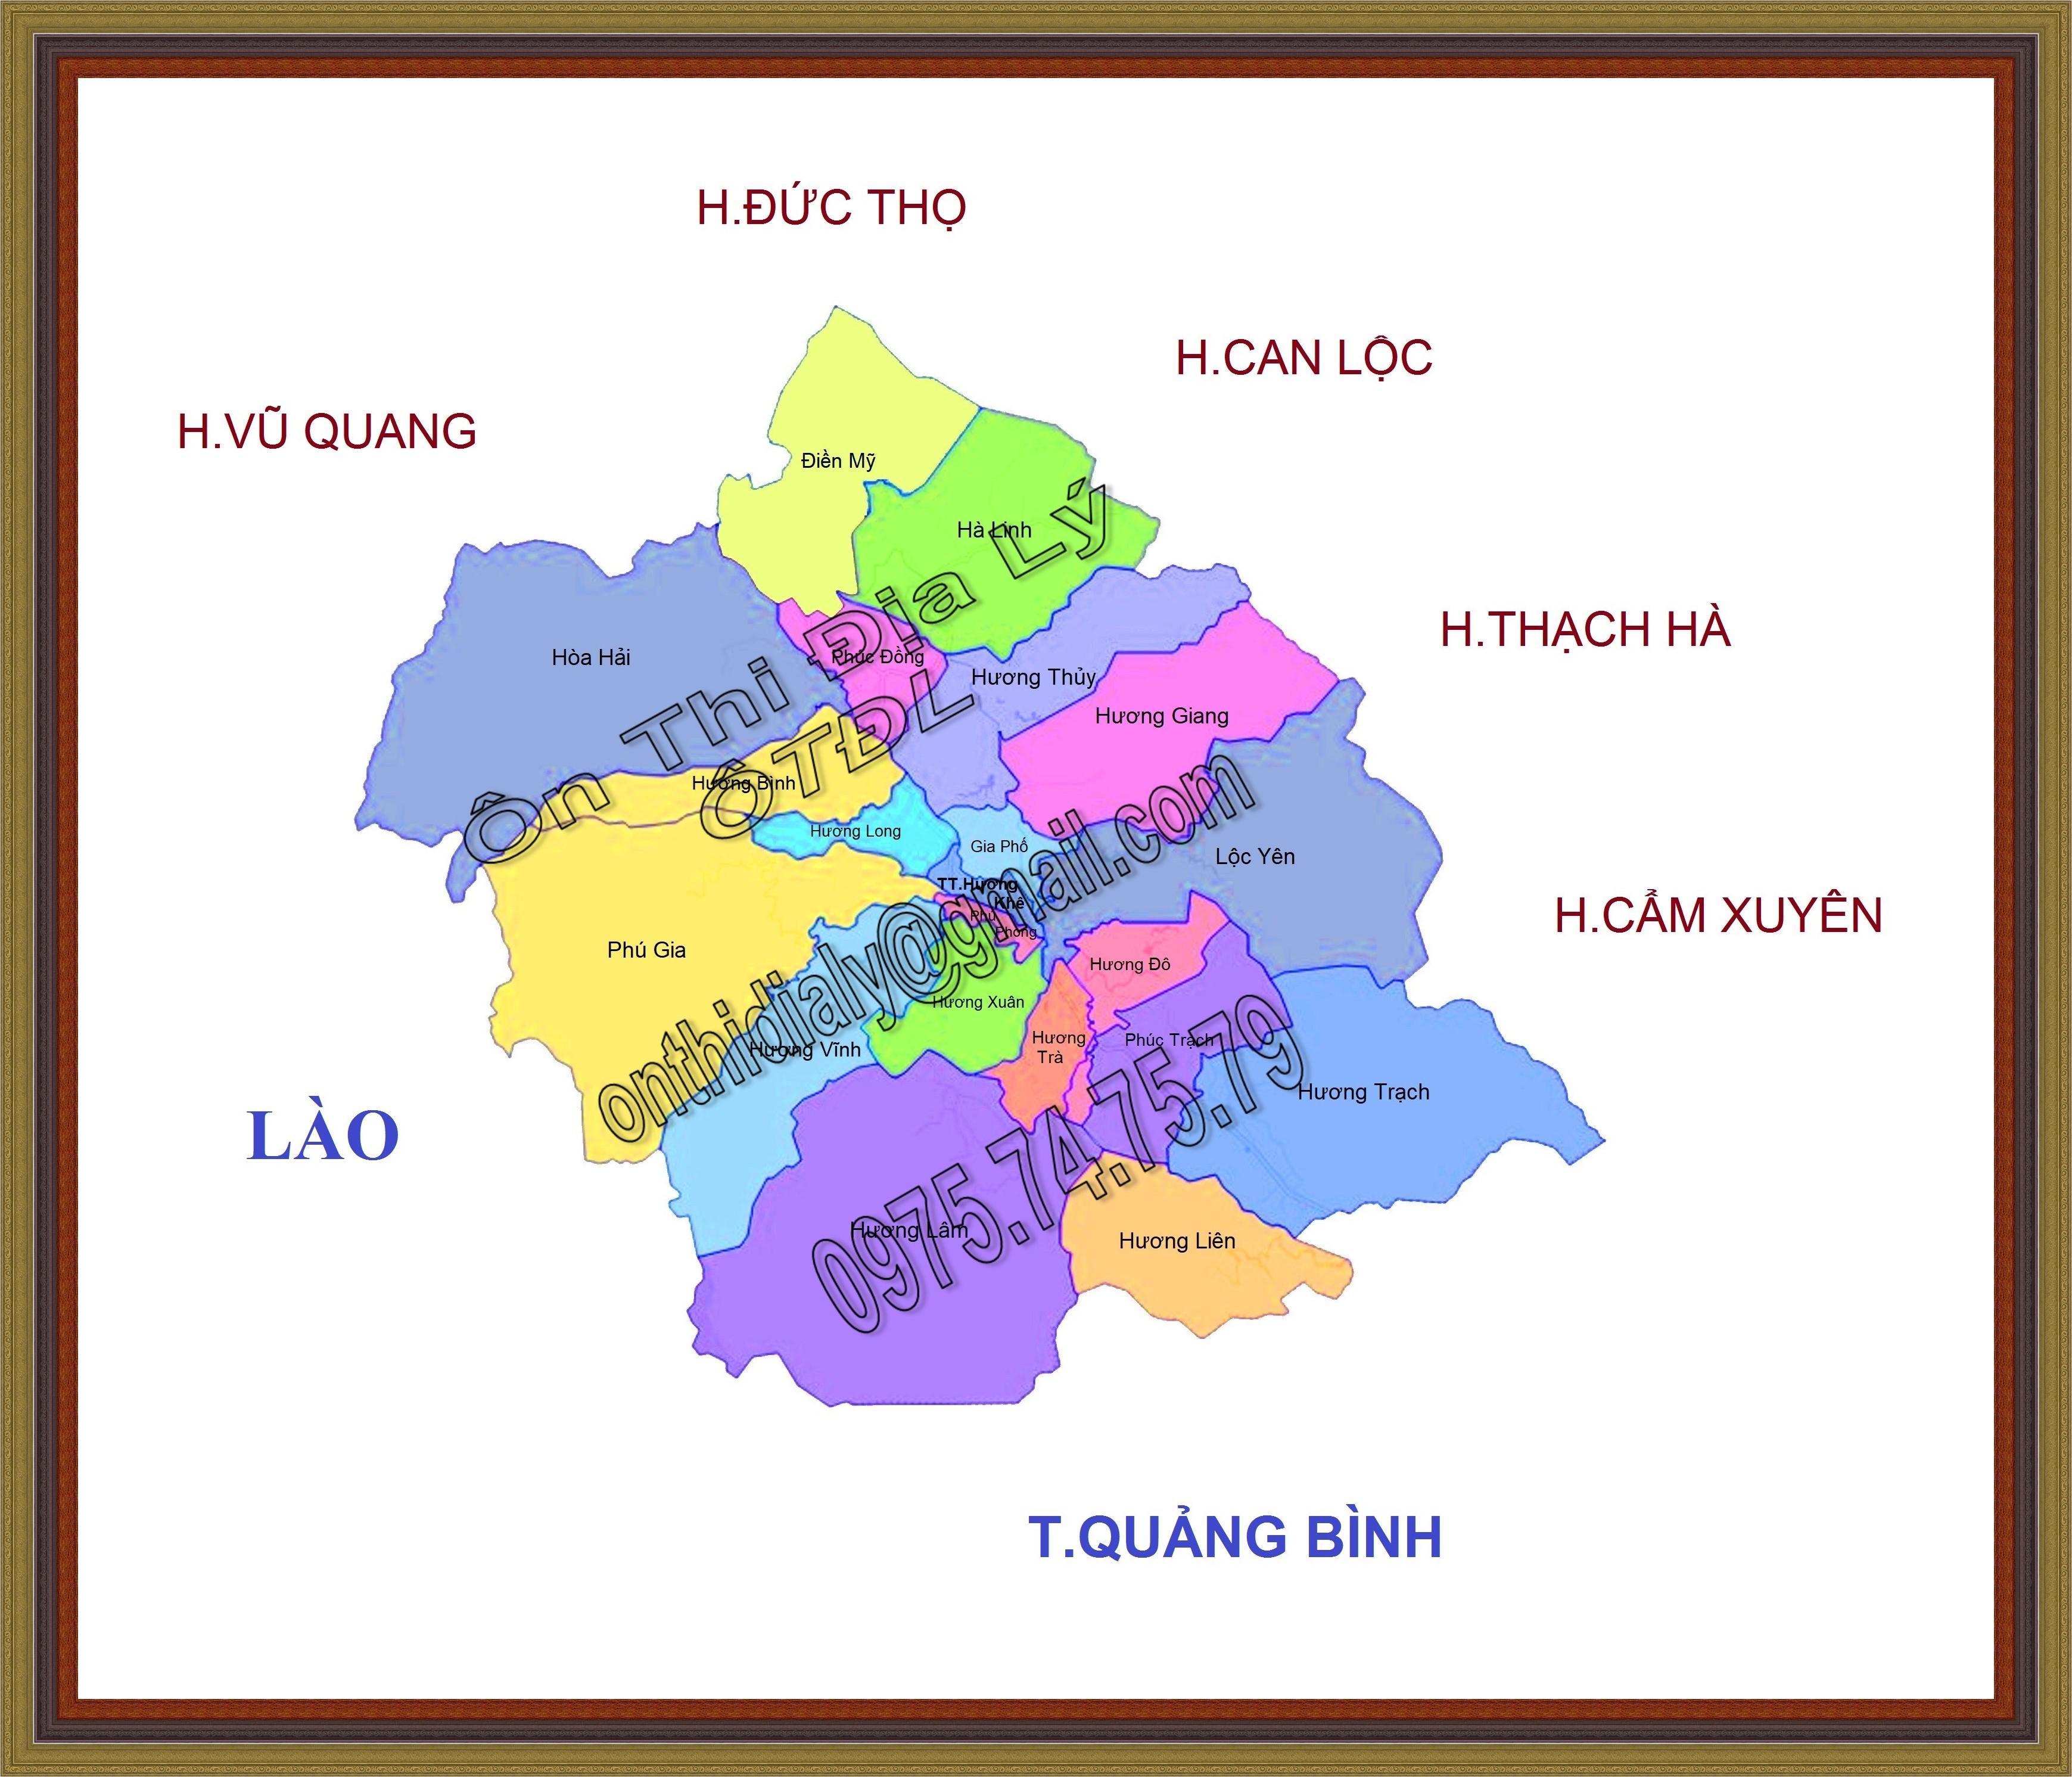 Huong Khe - Ha Tinh 5